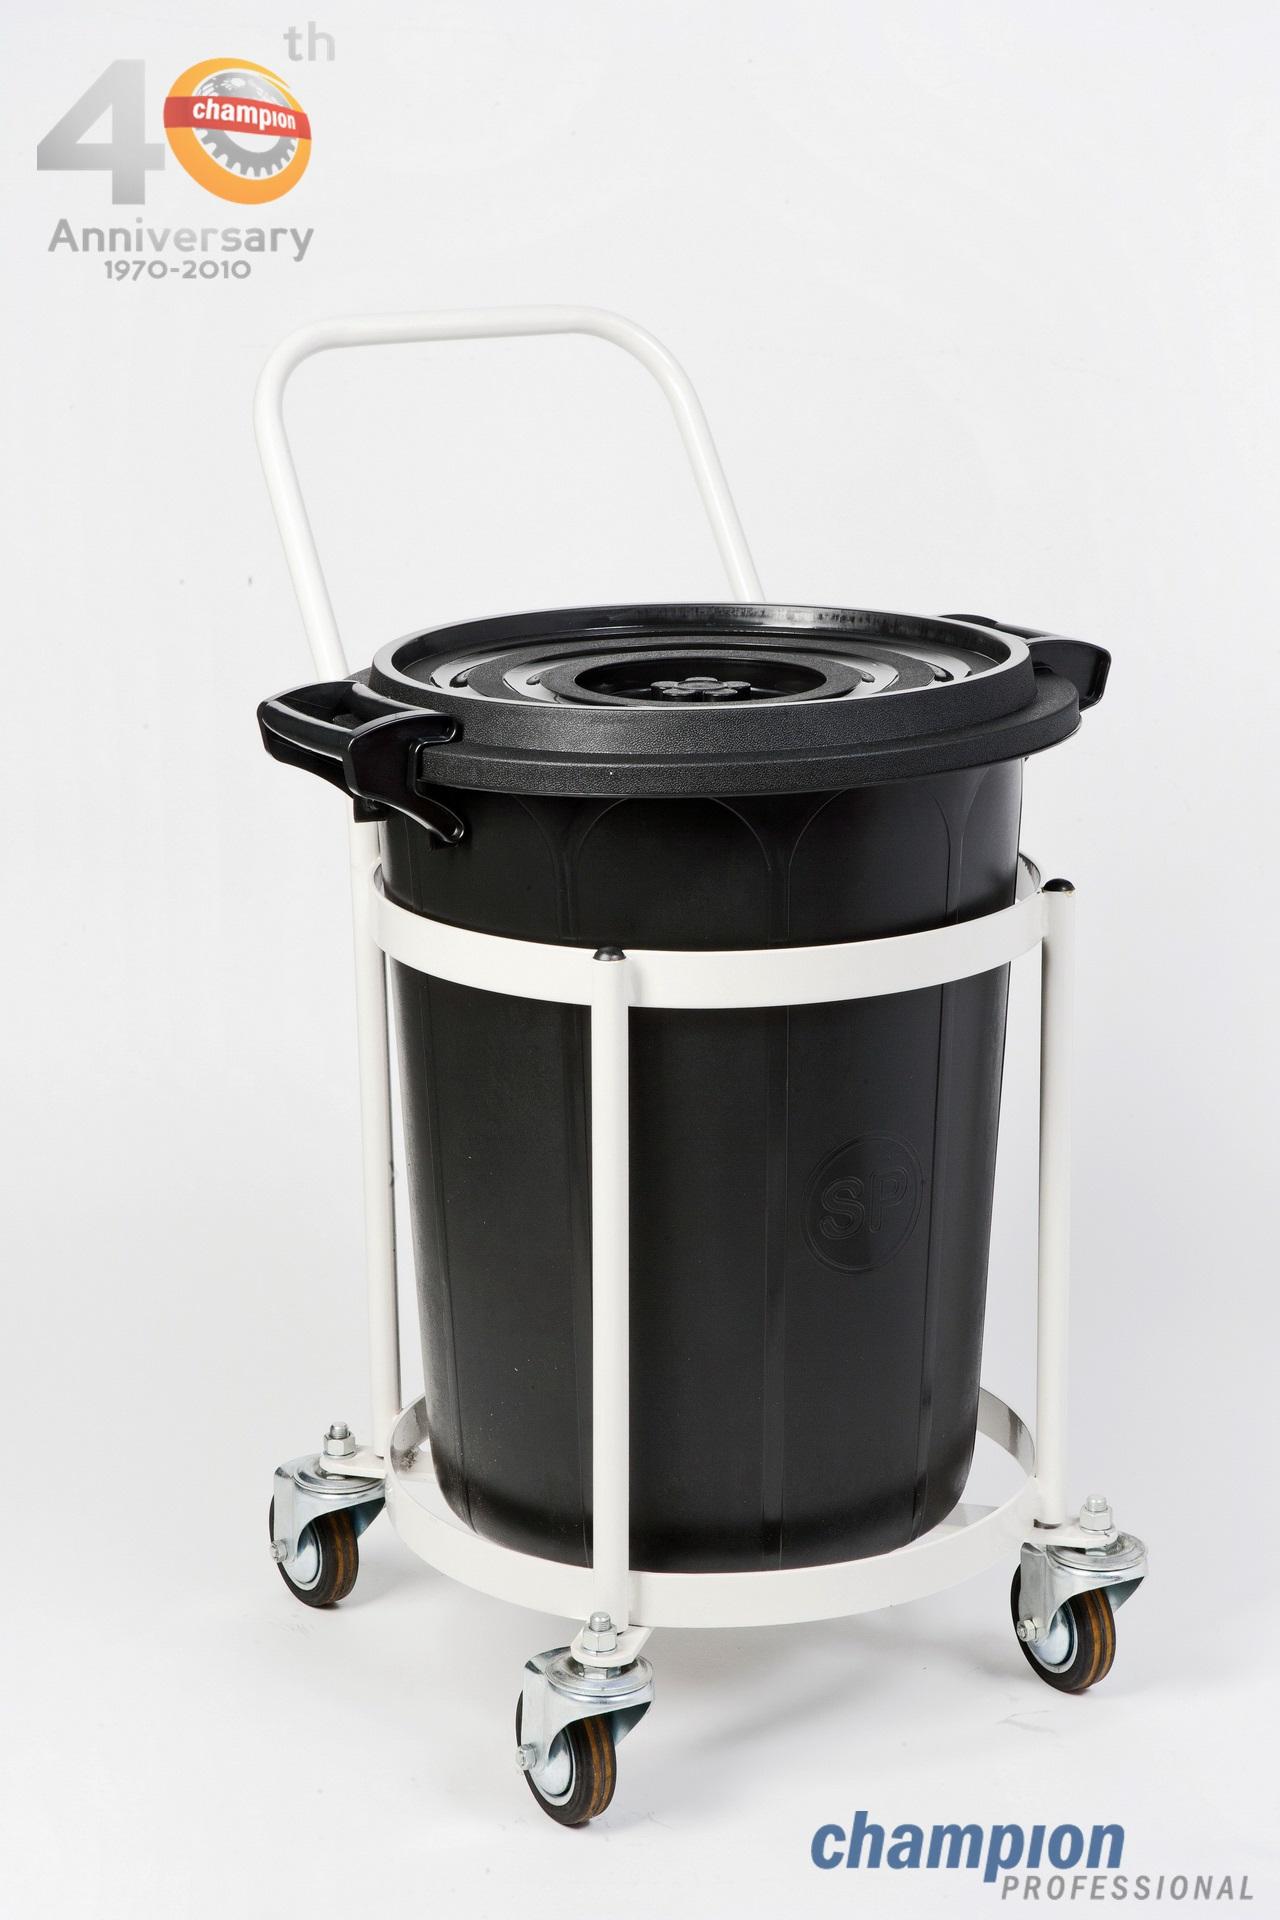 รถเข็นถังขยะ/ถังน้ำ